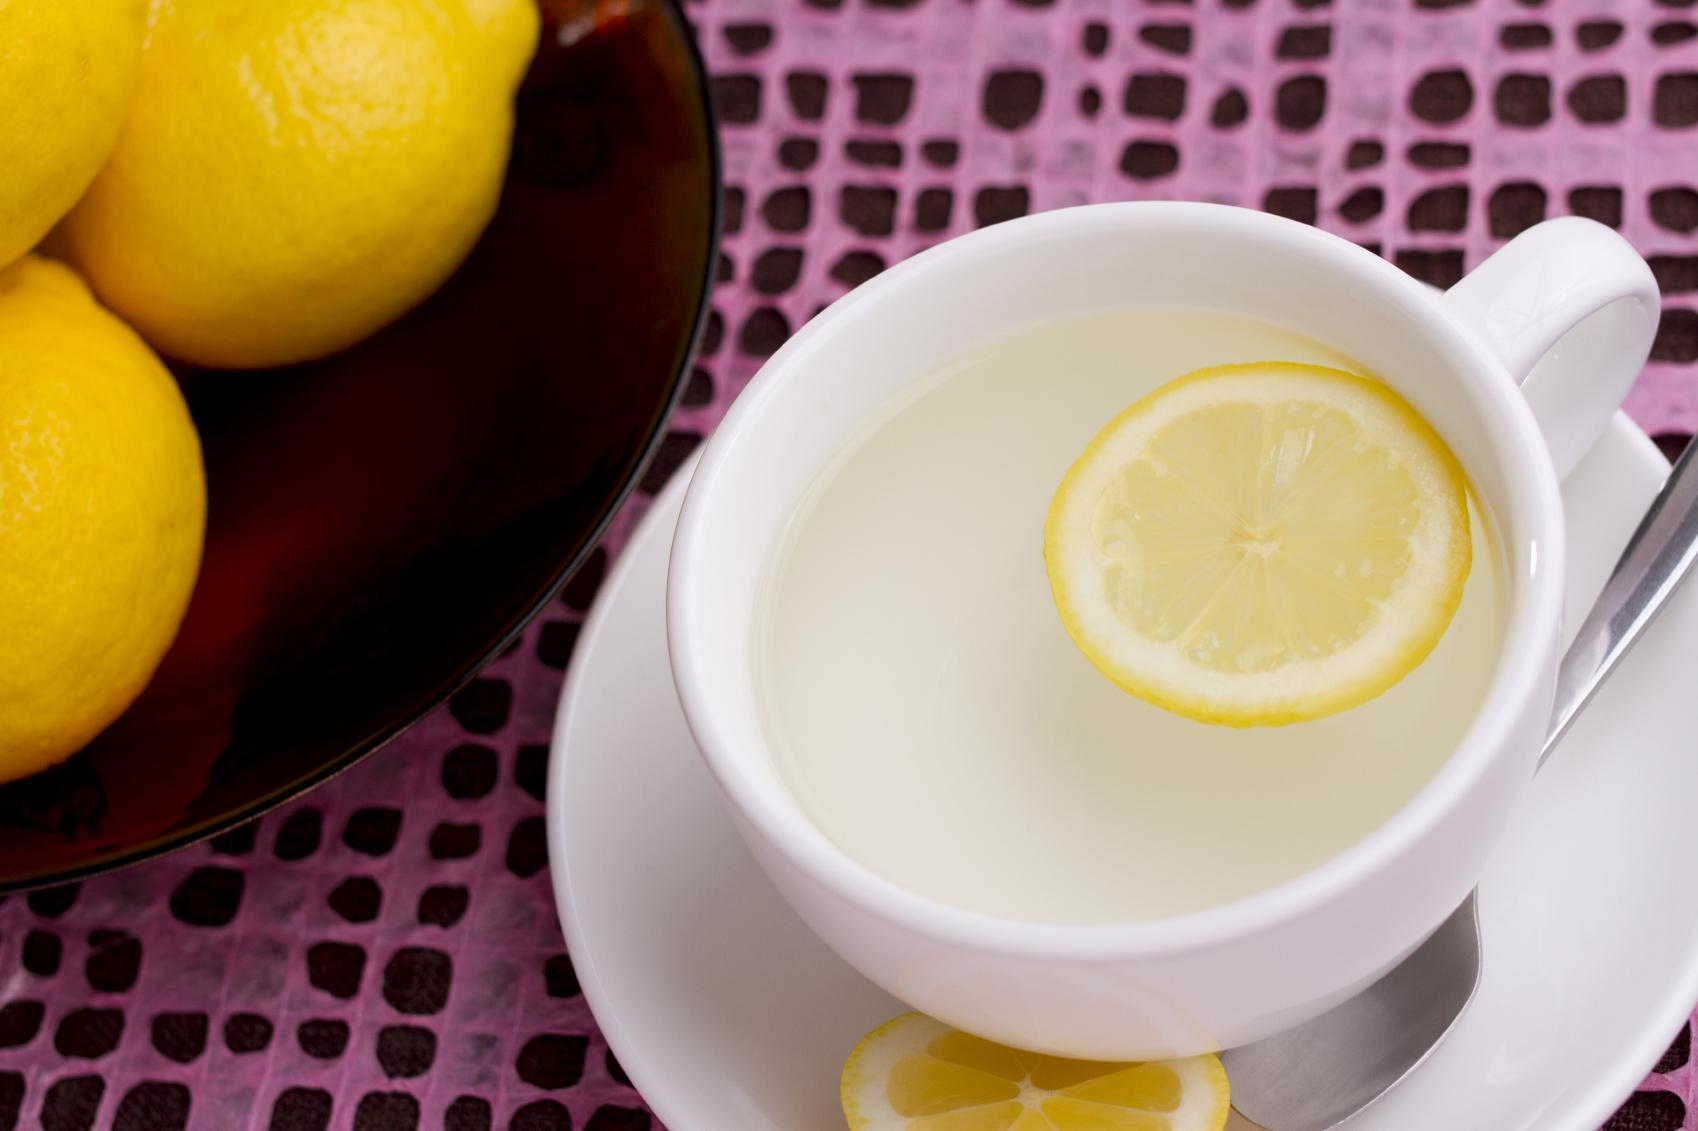 L'eau chaude au citron